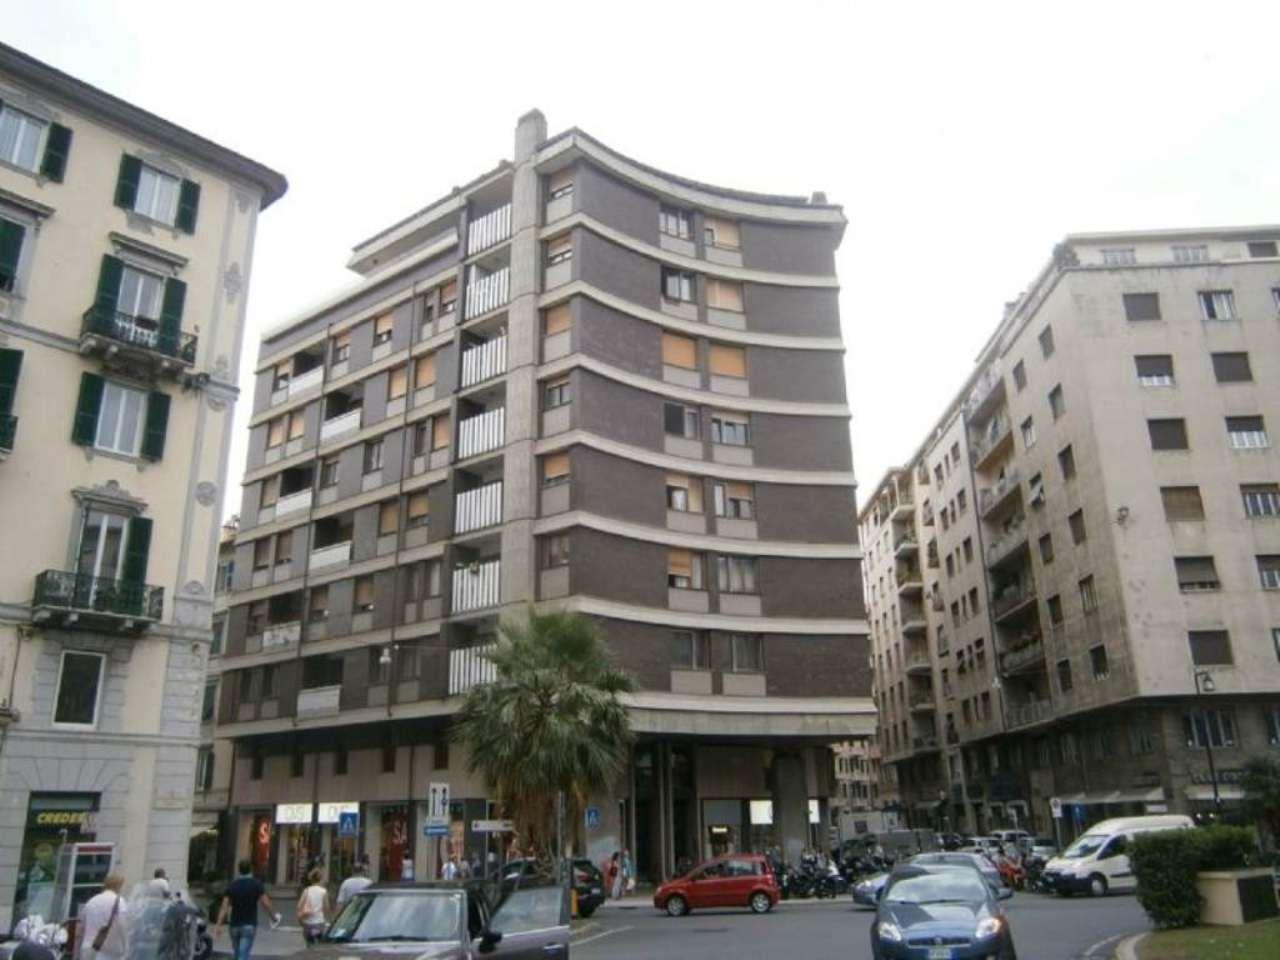 Ufficio-studio in Vendita a Savona Centro: 5 locali, 510 mq